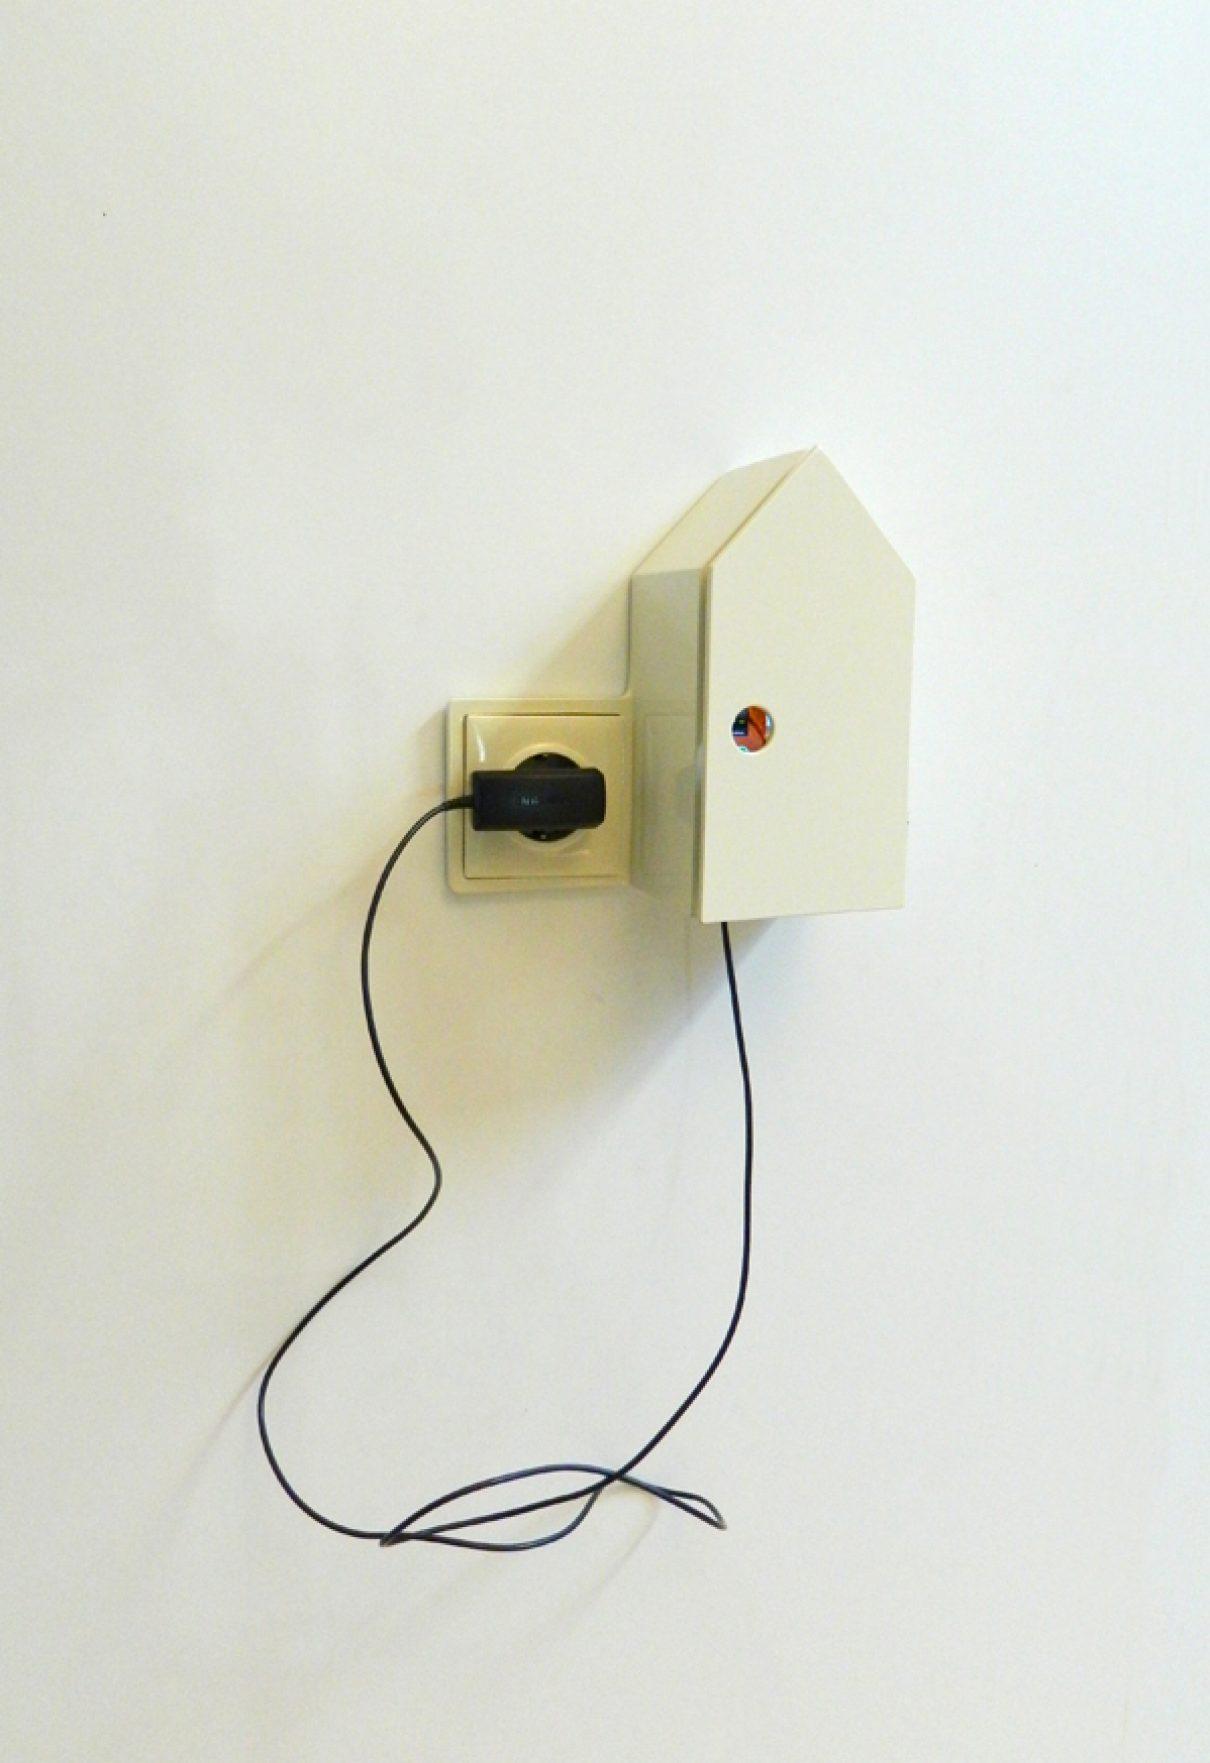 Mobile Home telefoonlader